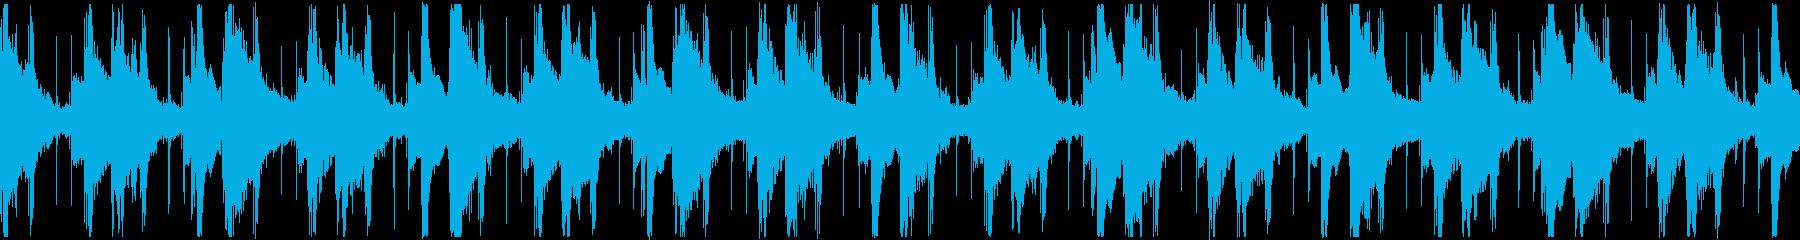 引きずるダウンテンポヒップホップ_ループの再生済みの波形